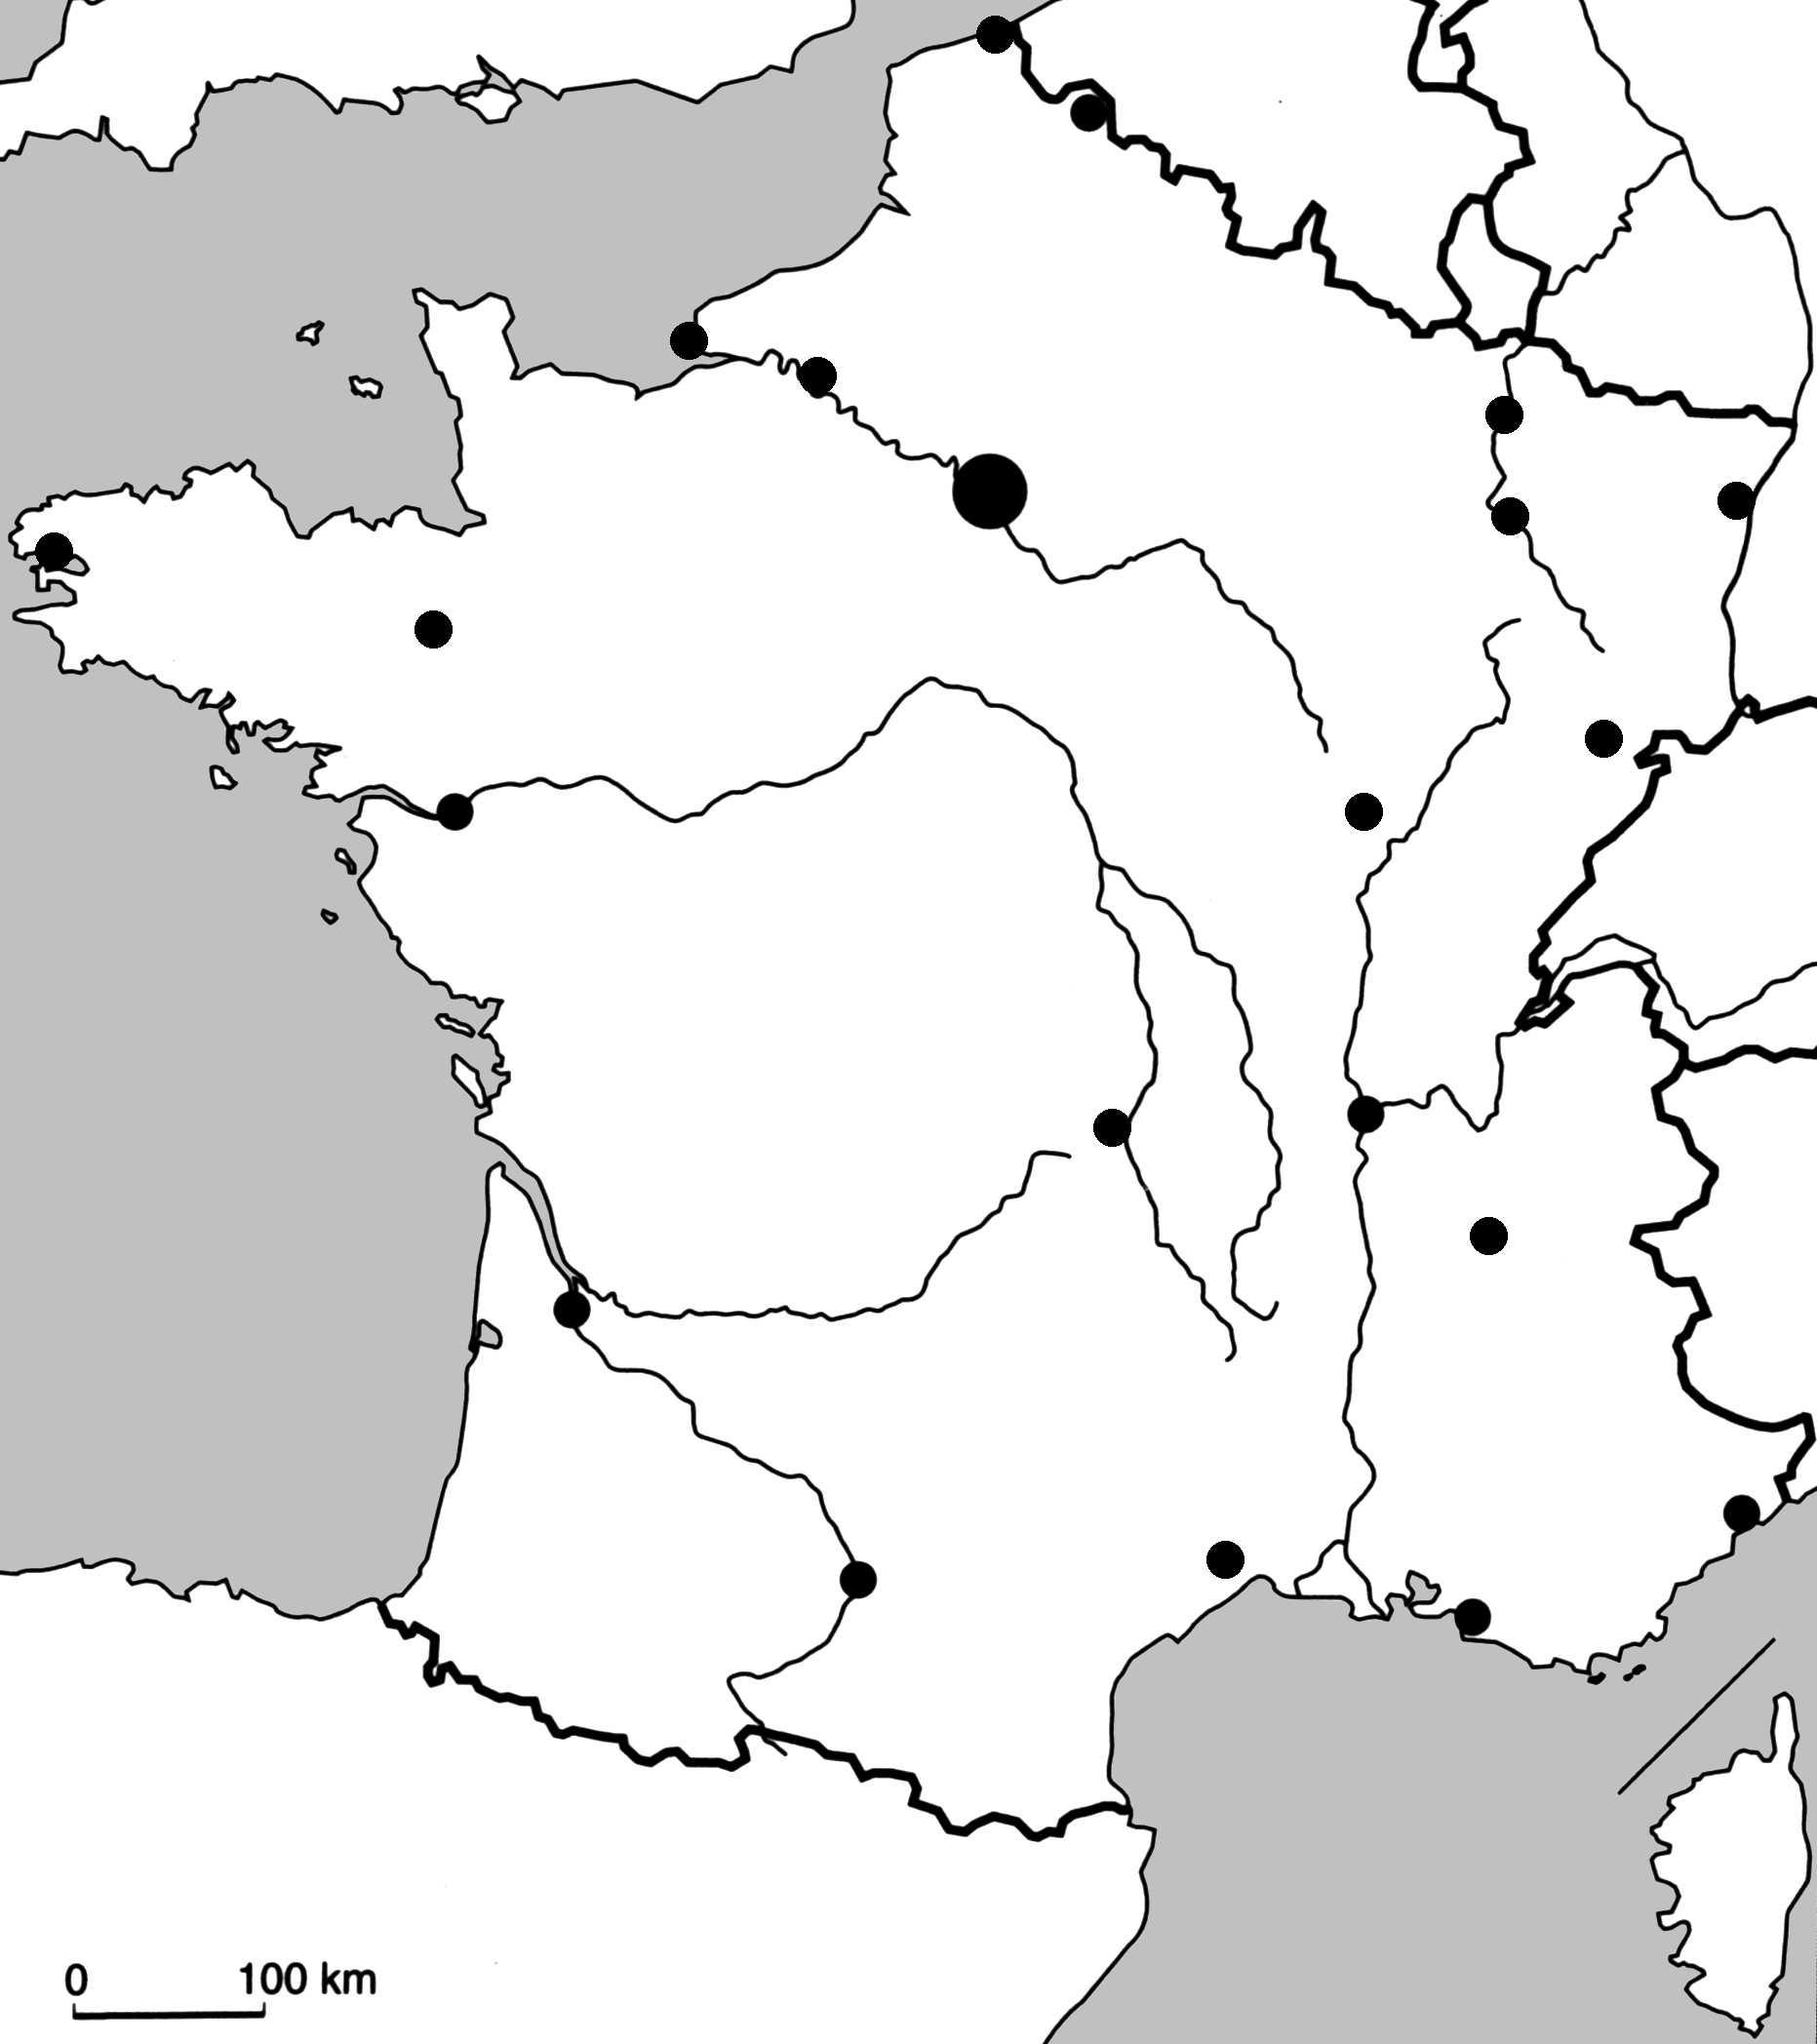 Carte Muette France Villes | My Blog dedans Carte France Principales Villes